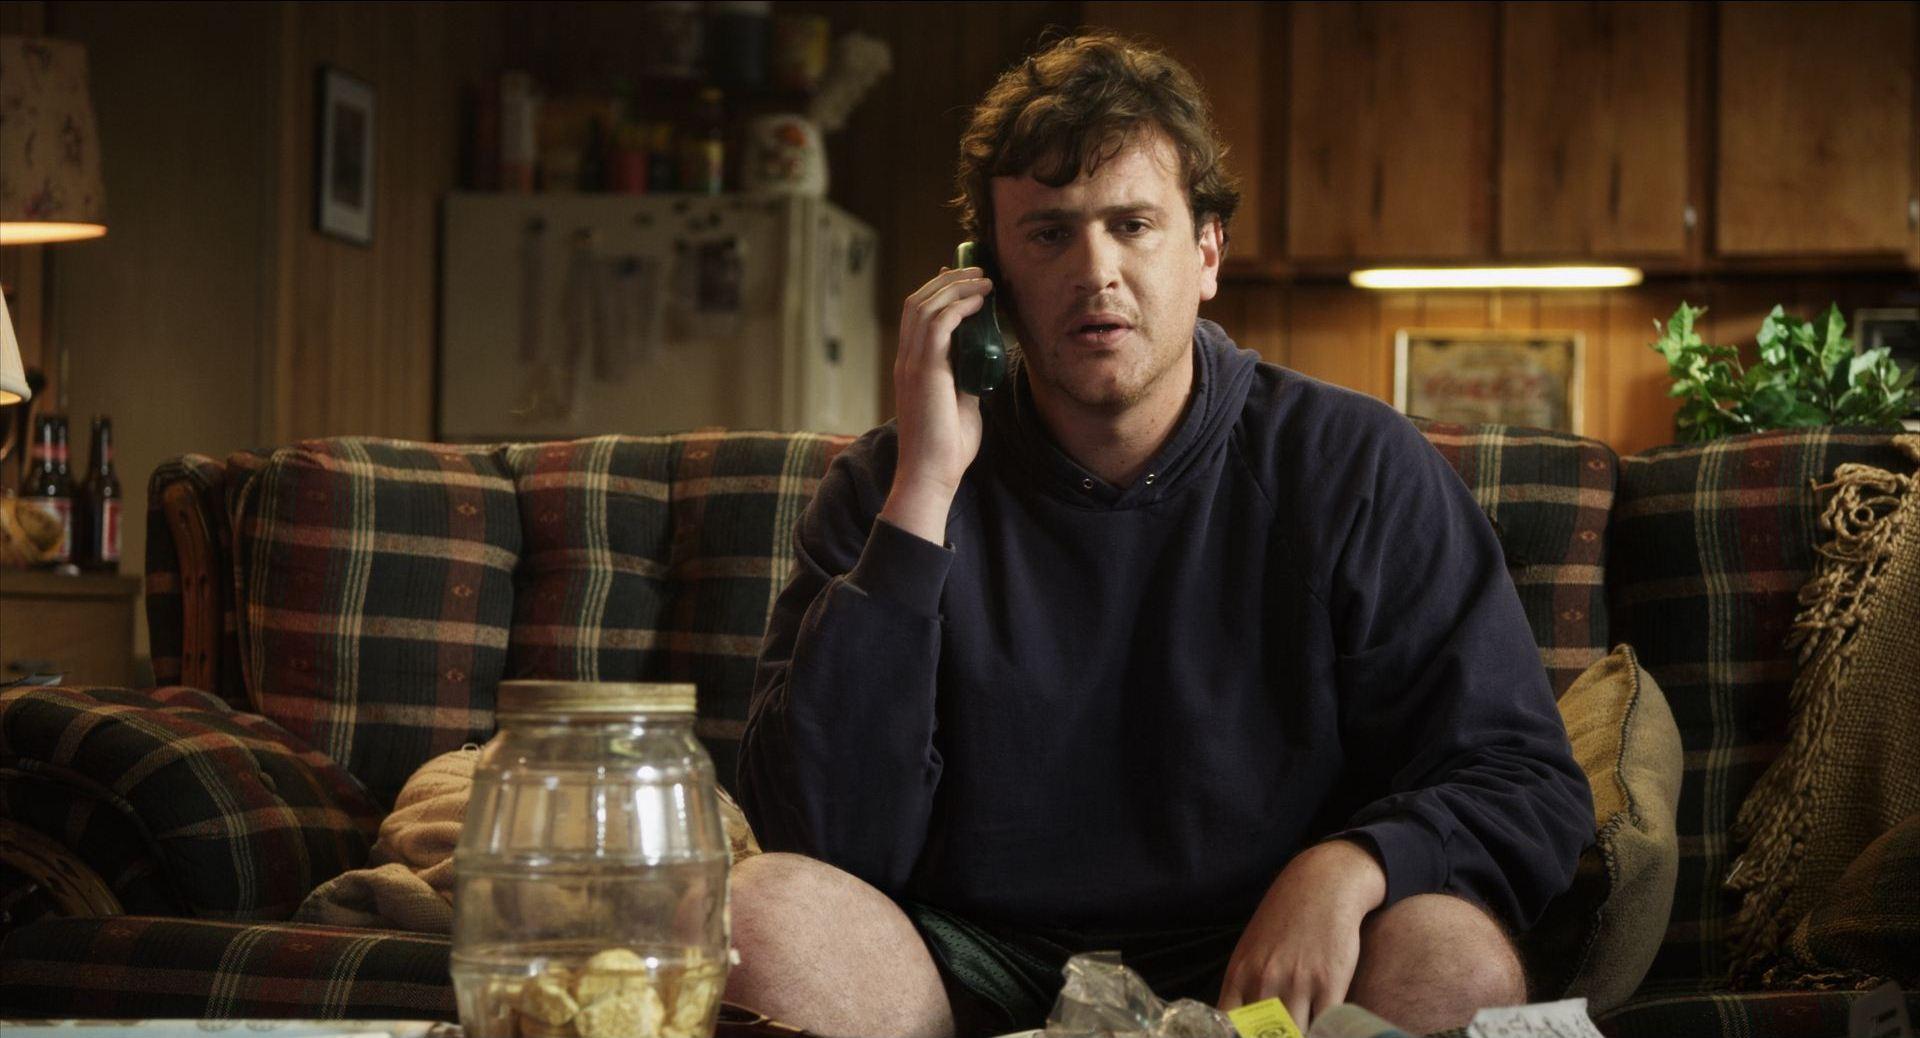 кадры из фильма Джефф, живущий дома* Джейсон Сигел,